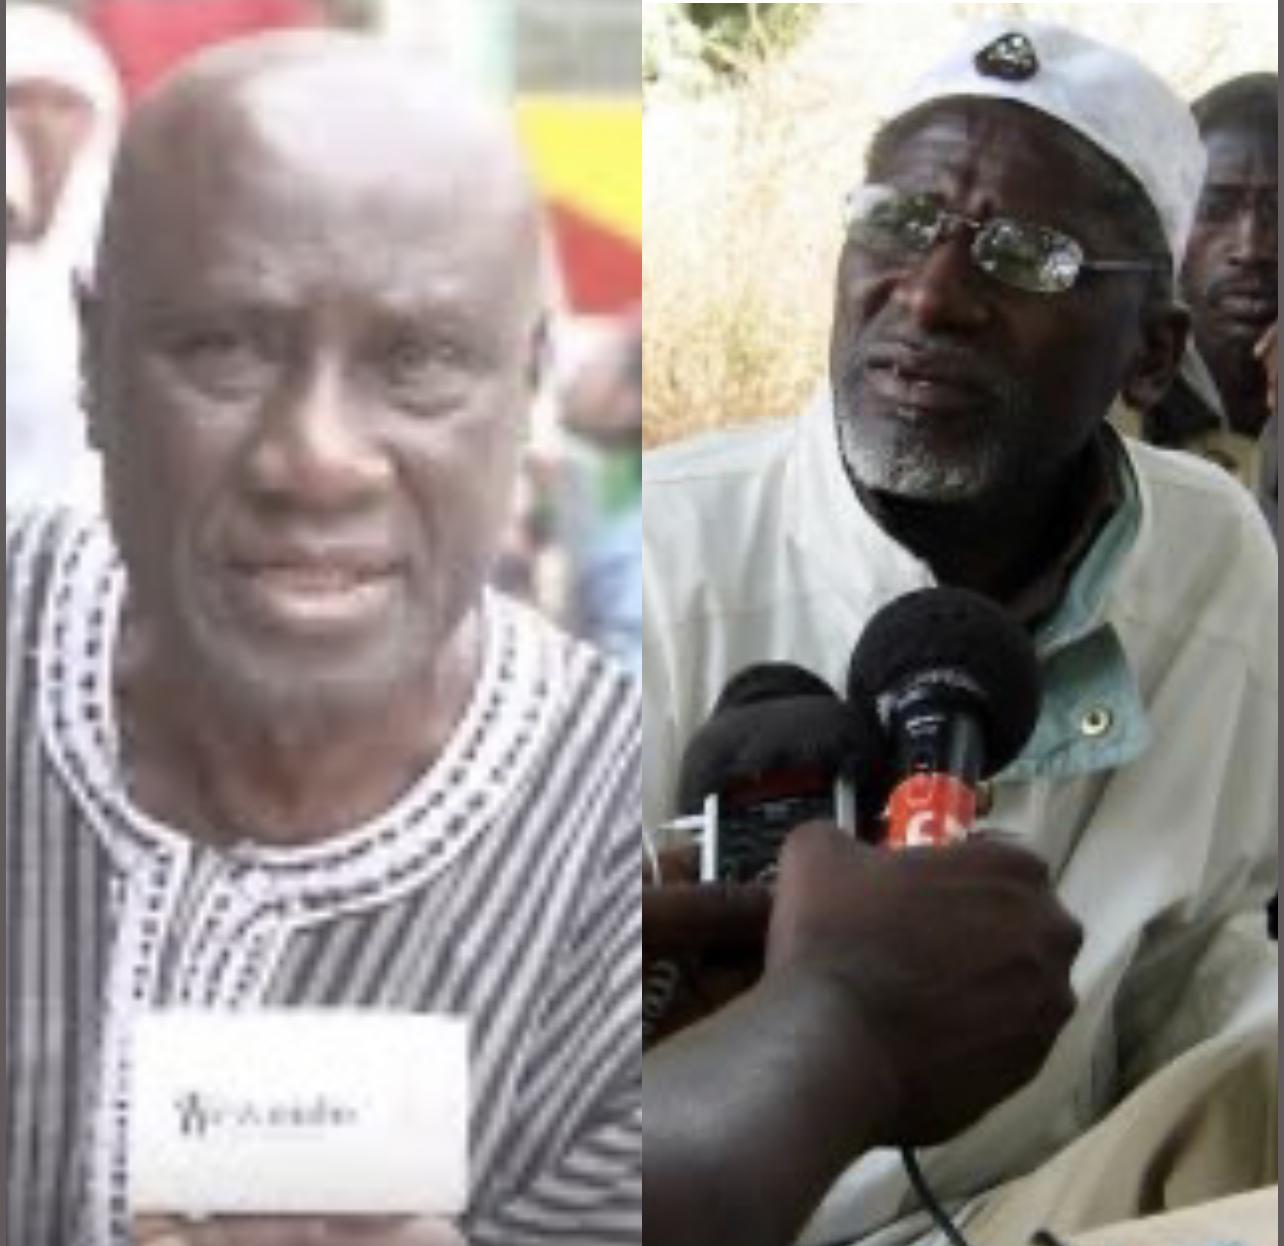 Processus de paix en Casamance / Salif Sadio et Edmond Bora absents, mais sensibles au dialogue.